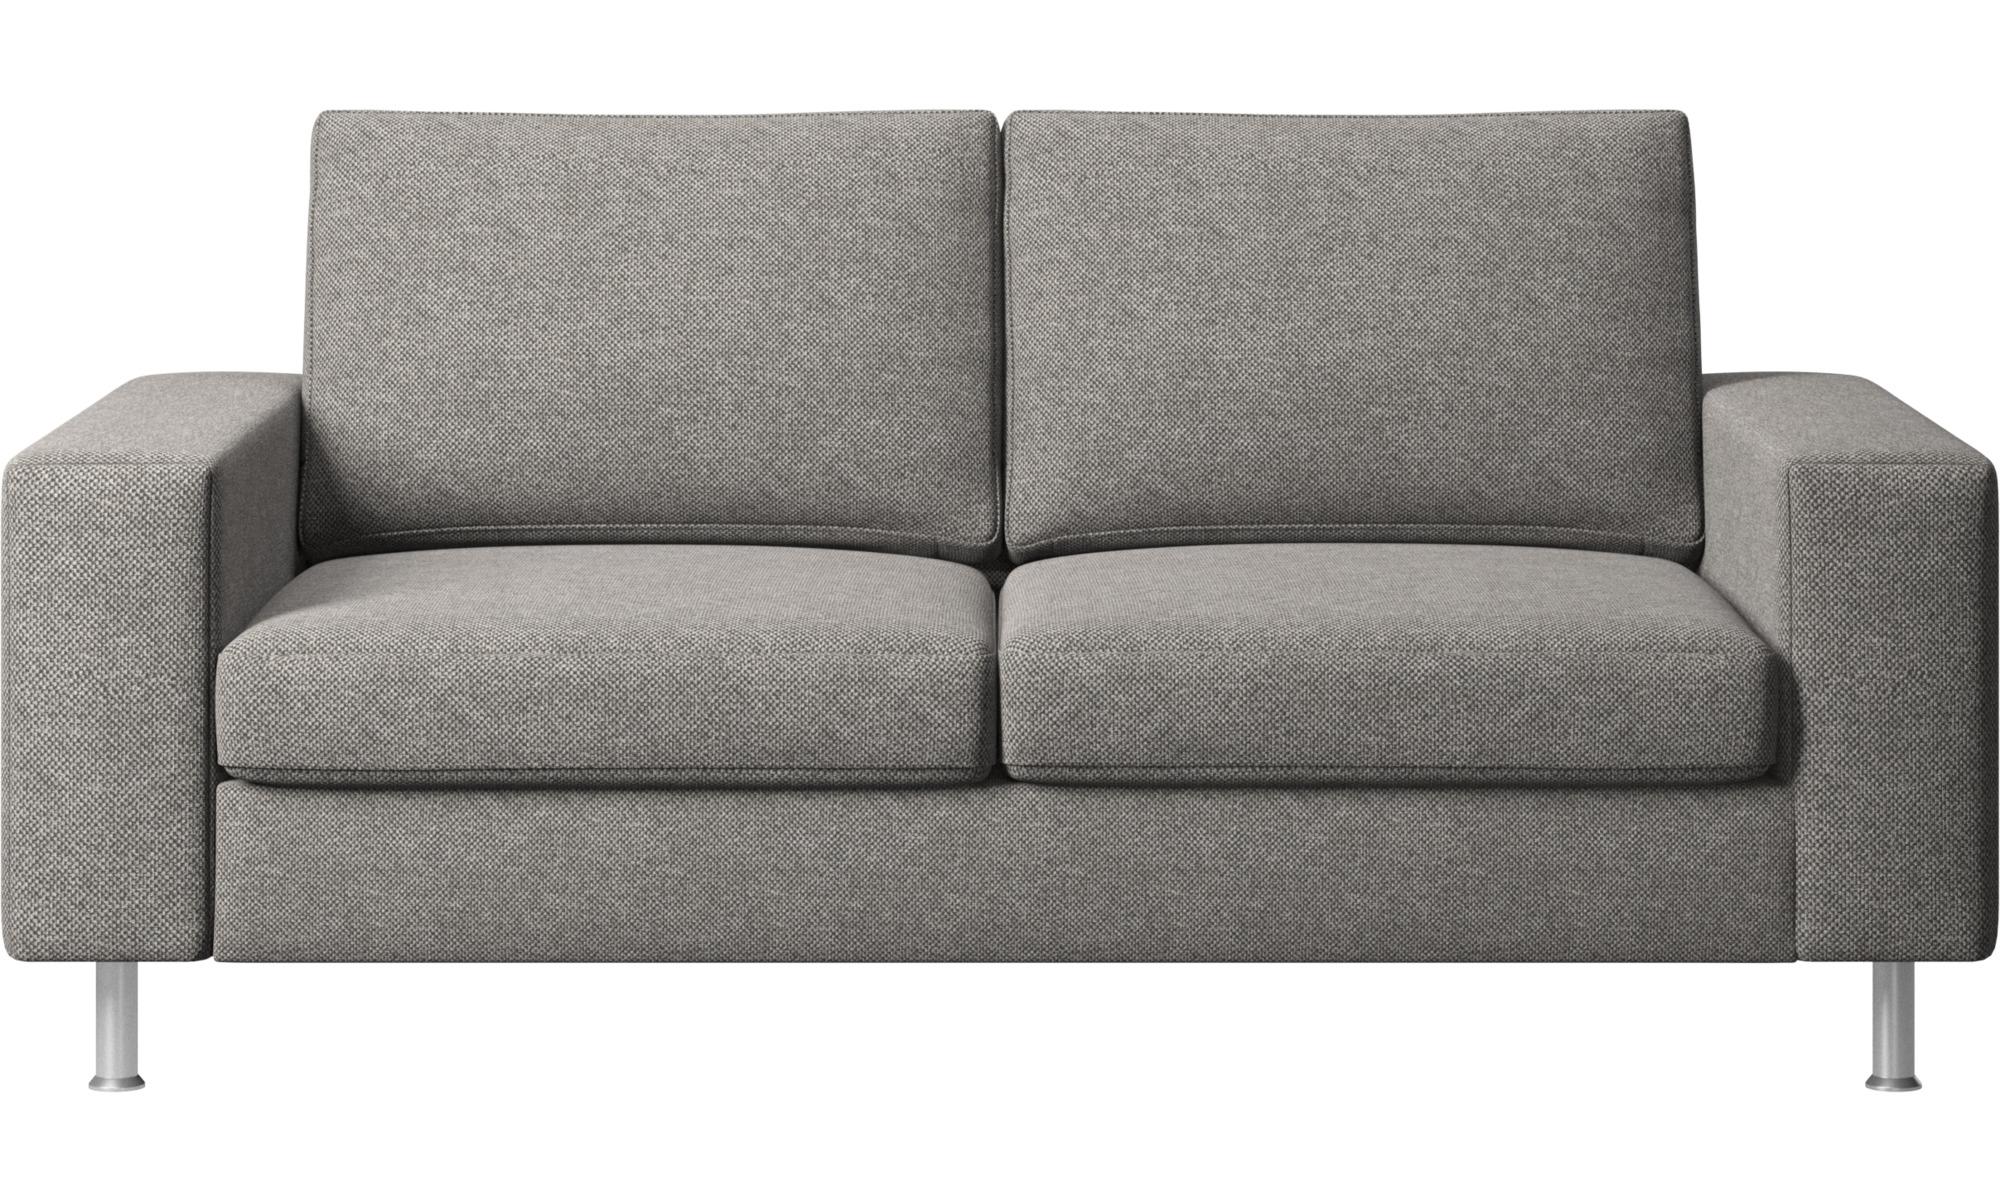 2 i d v 2 boconcept. Black Bedroom Furniture Sets. Home Design Ideas